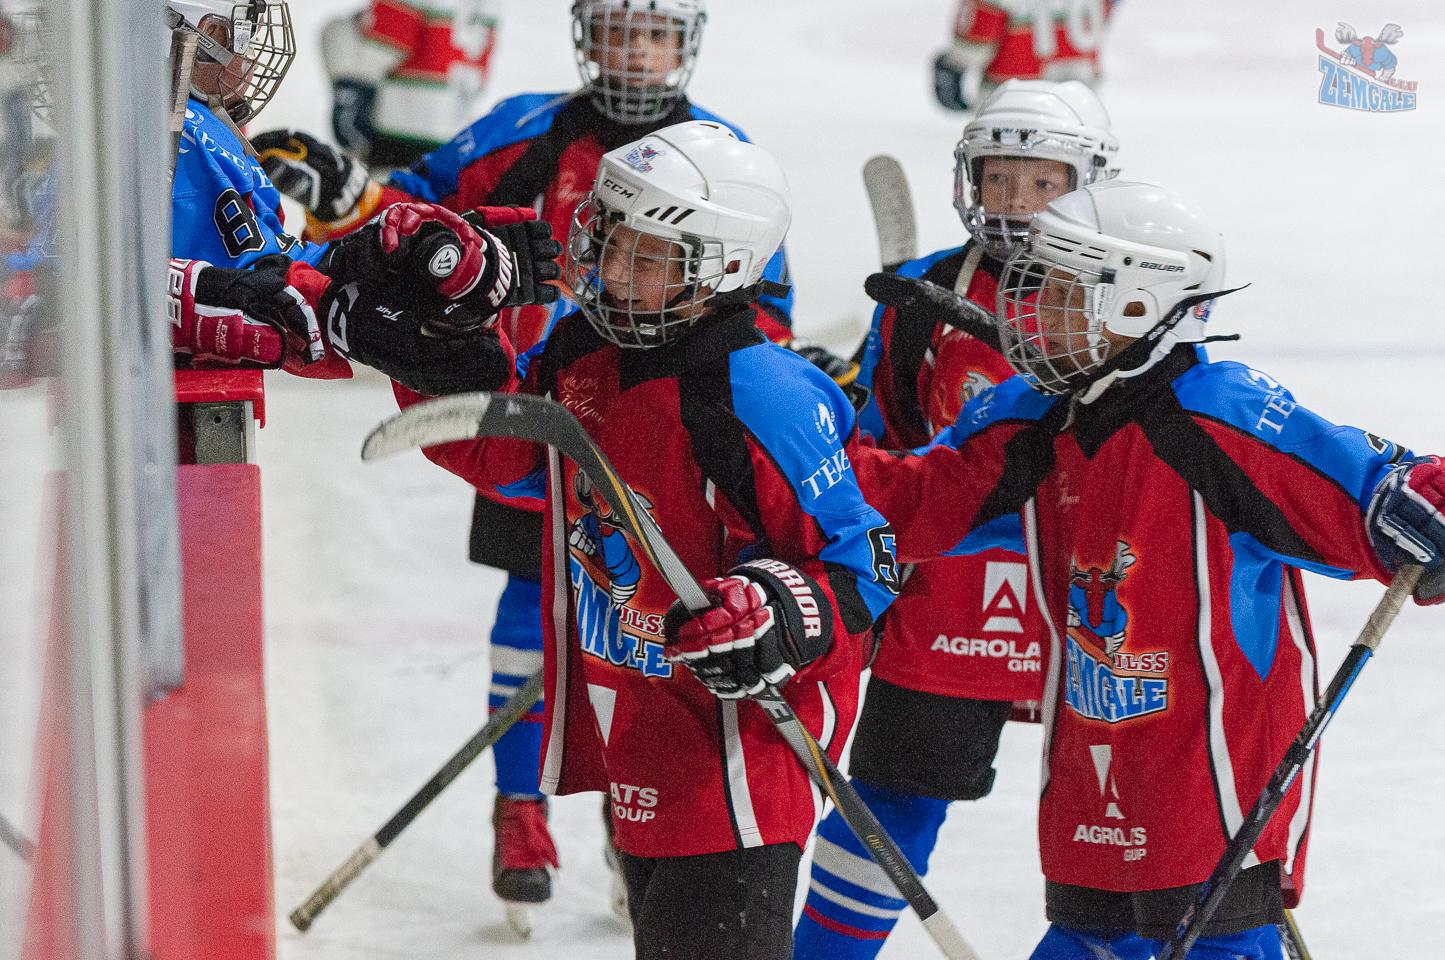 Jelgavas hokeja skola JLSS U11 A - Liepāja SSS 2010 LBJČH 13102019-10